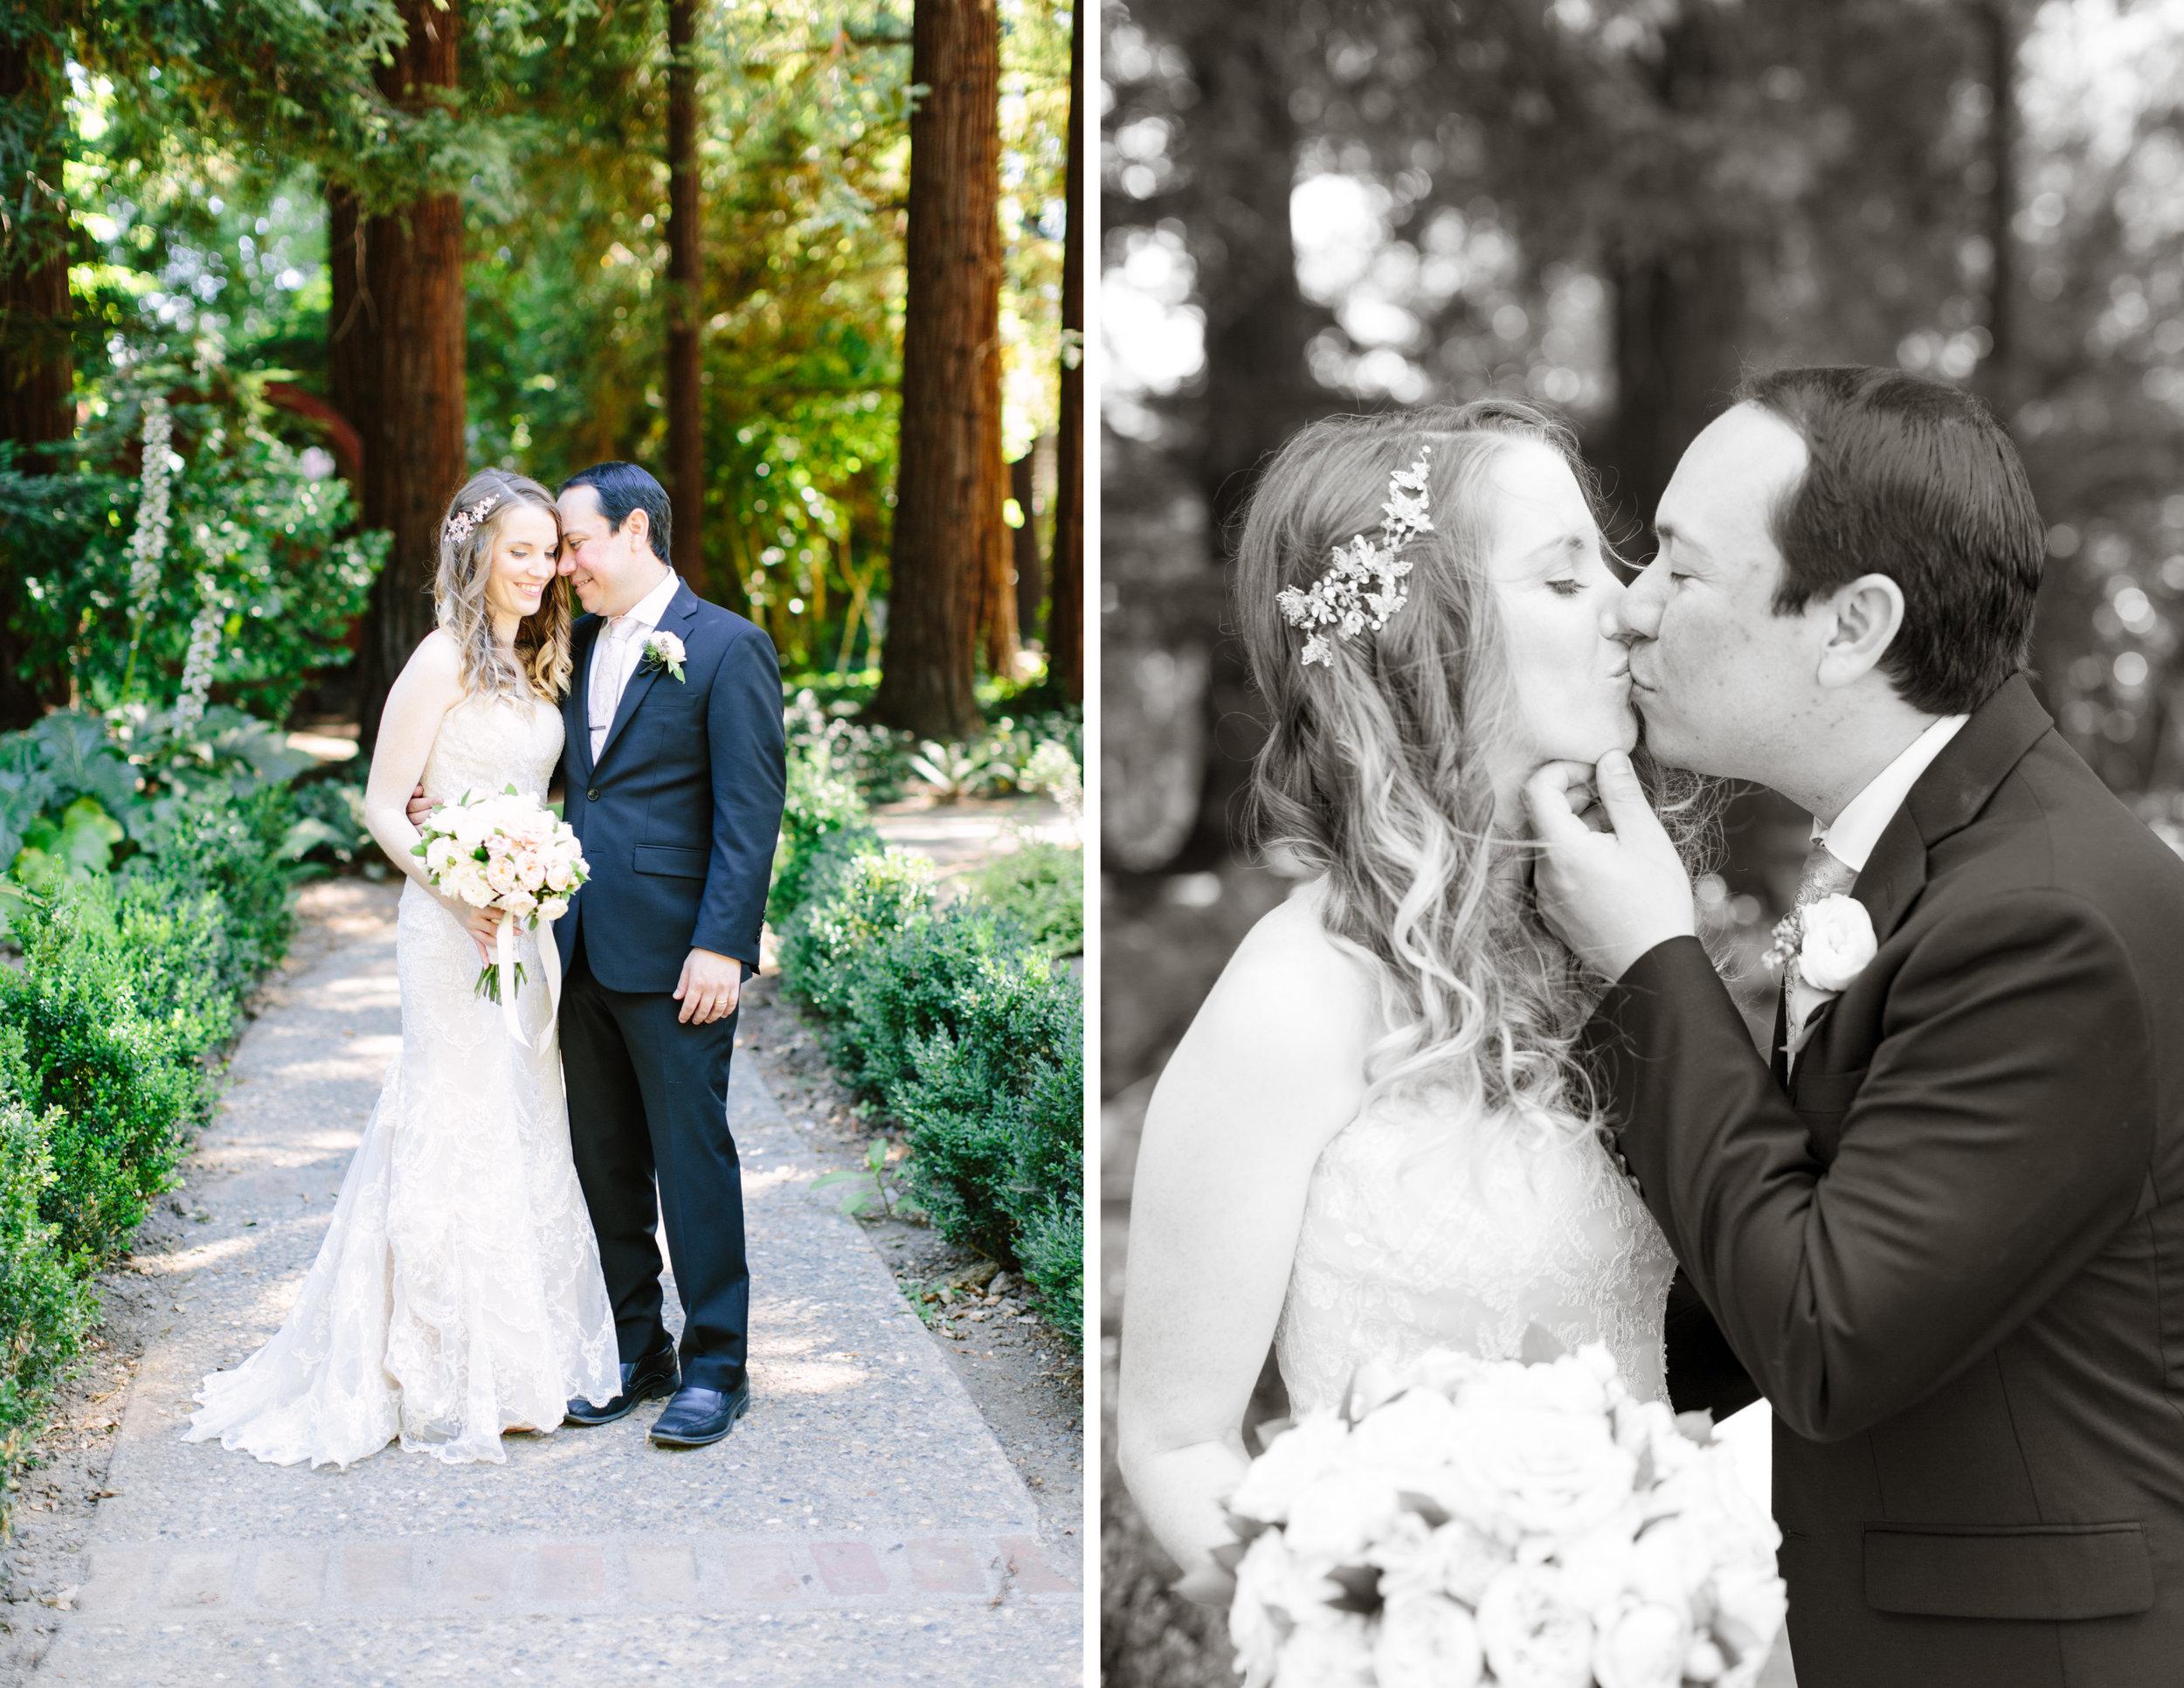 harvest inn elopement wedding 9.jpg